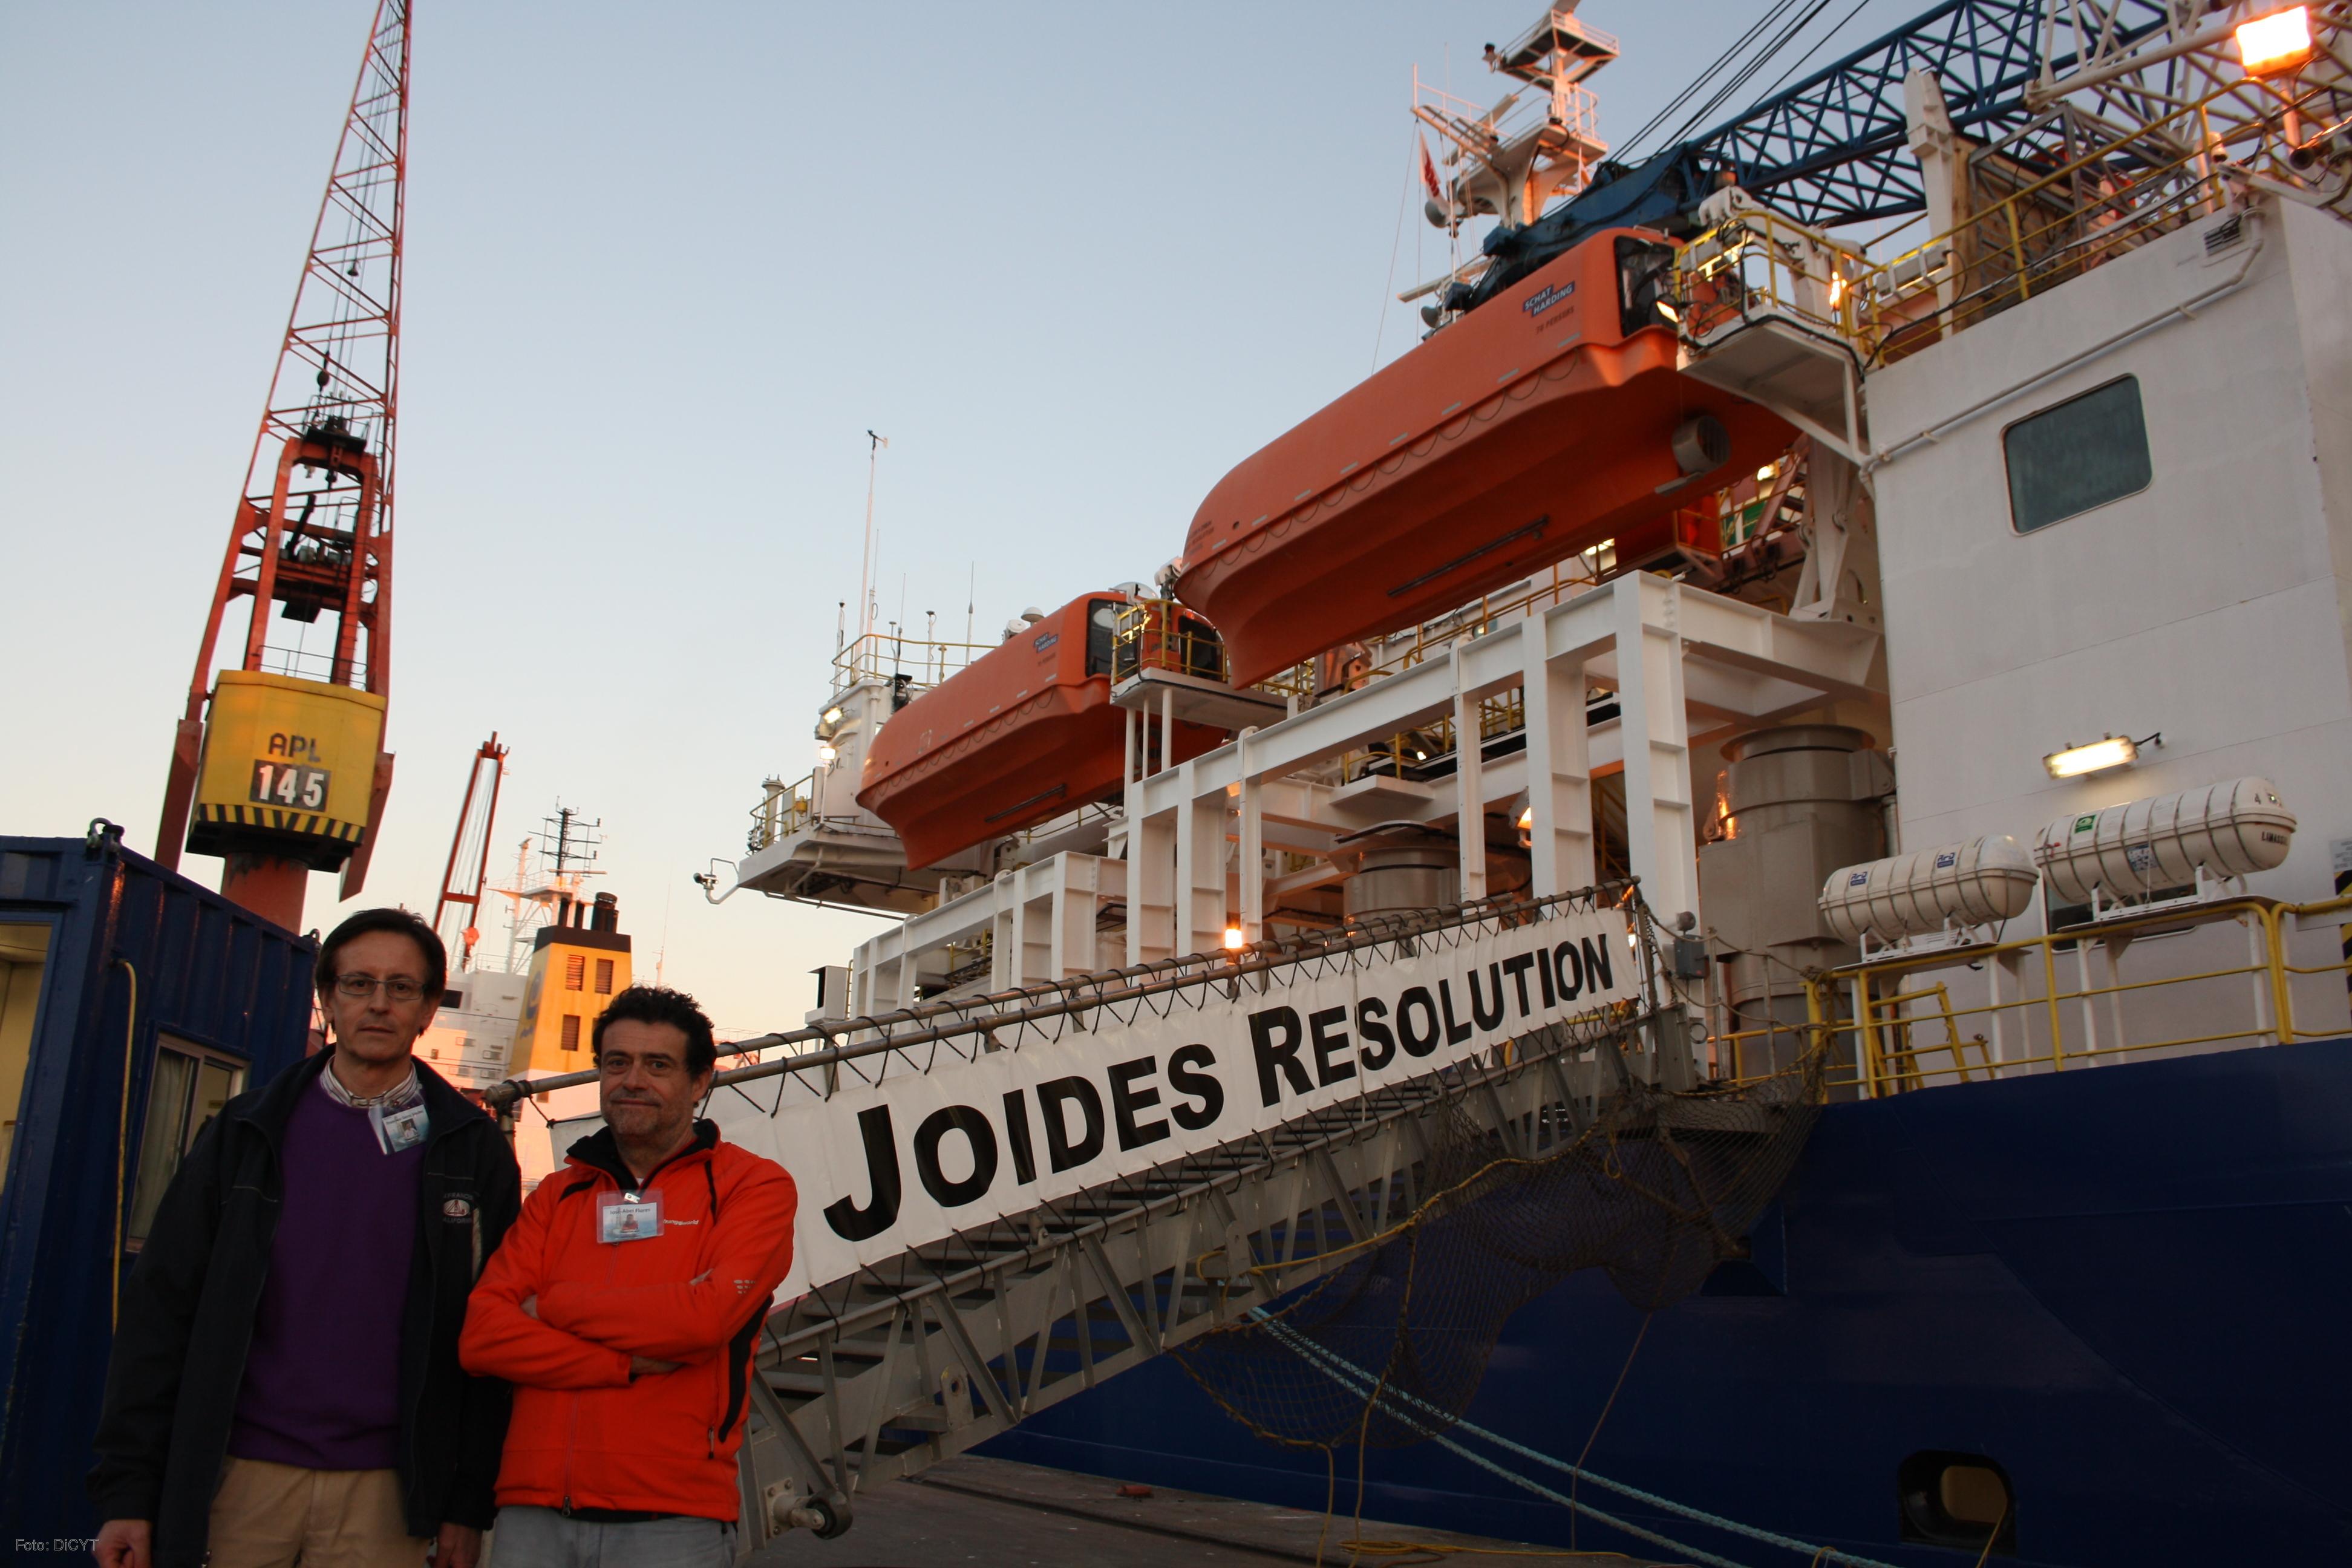 Visita al buque oceanográfico Joides Resolution.